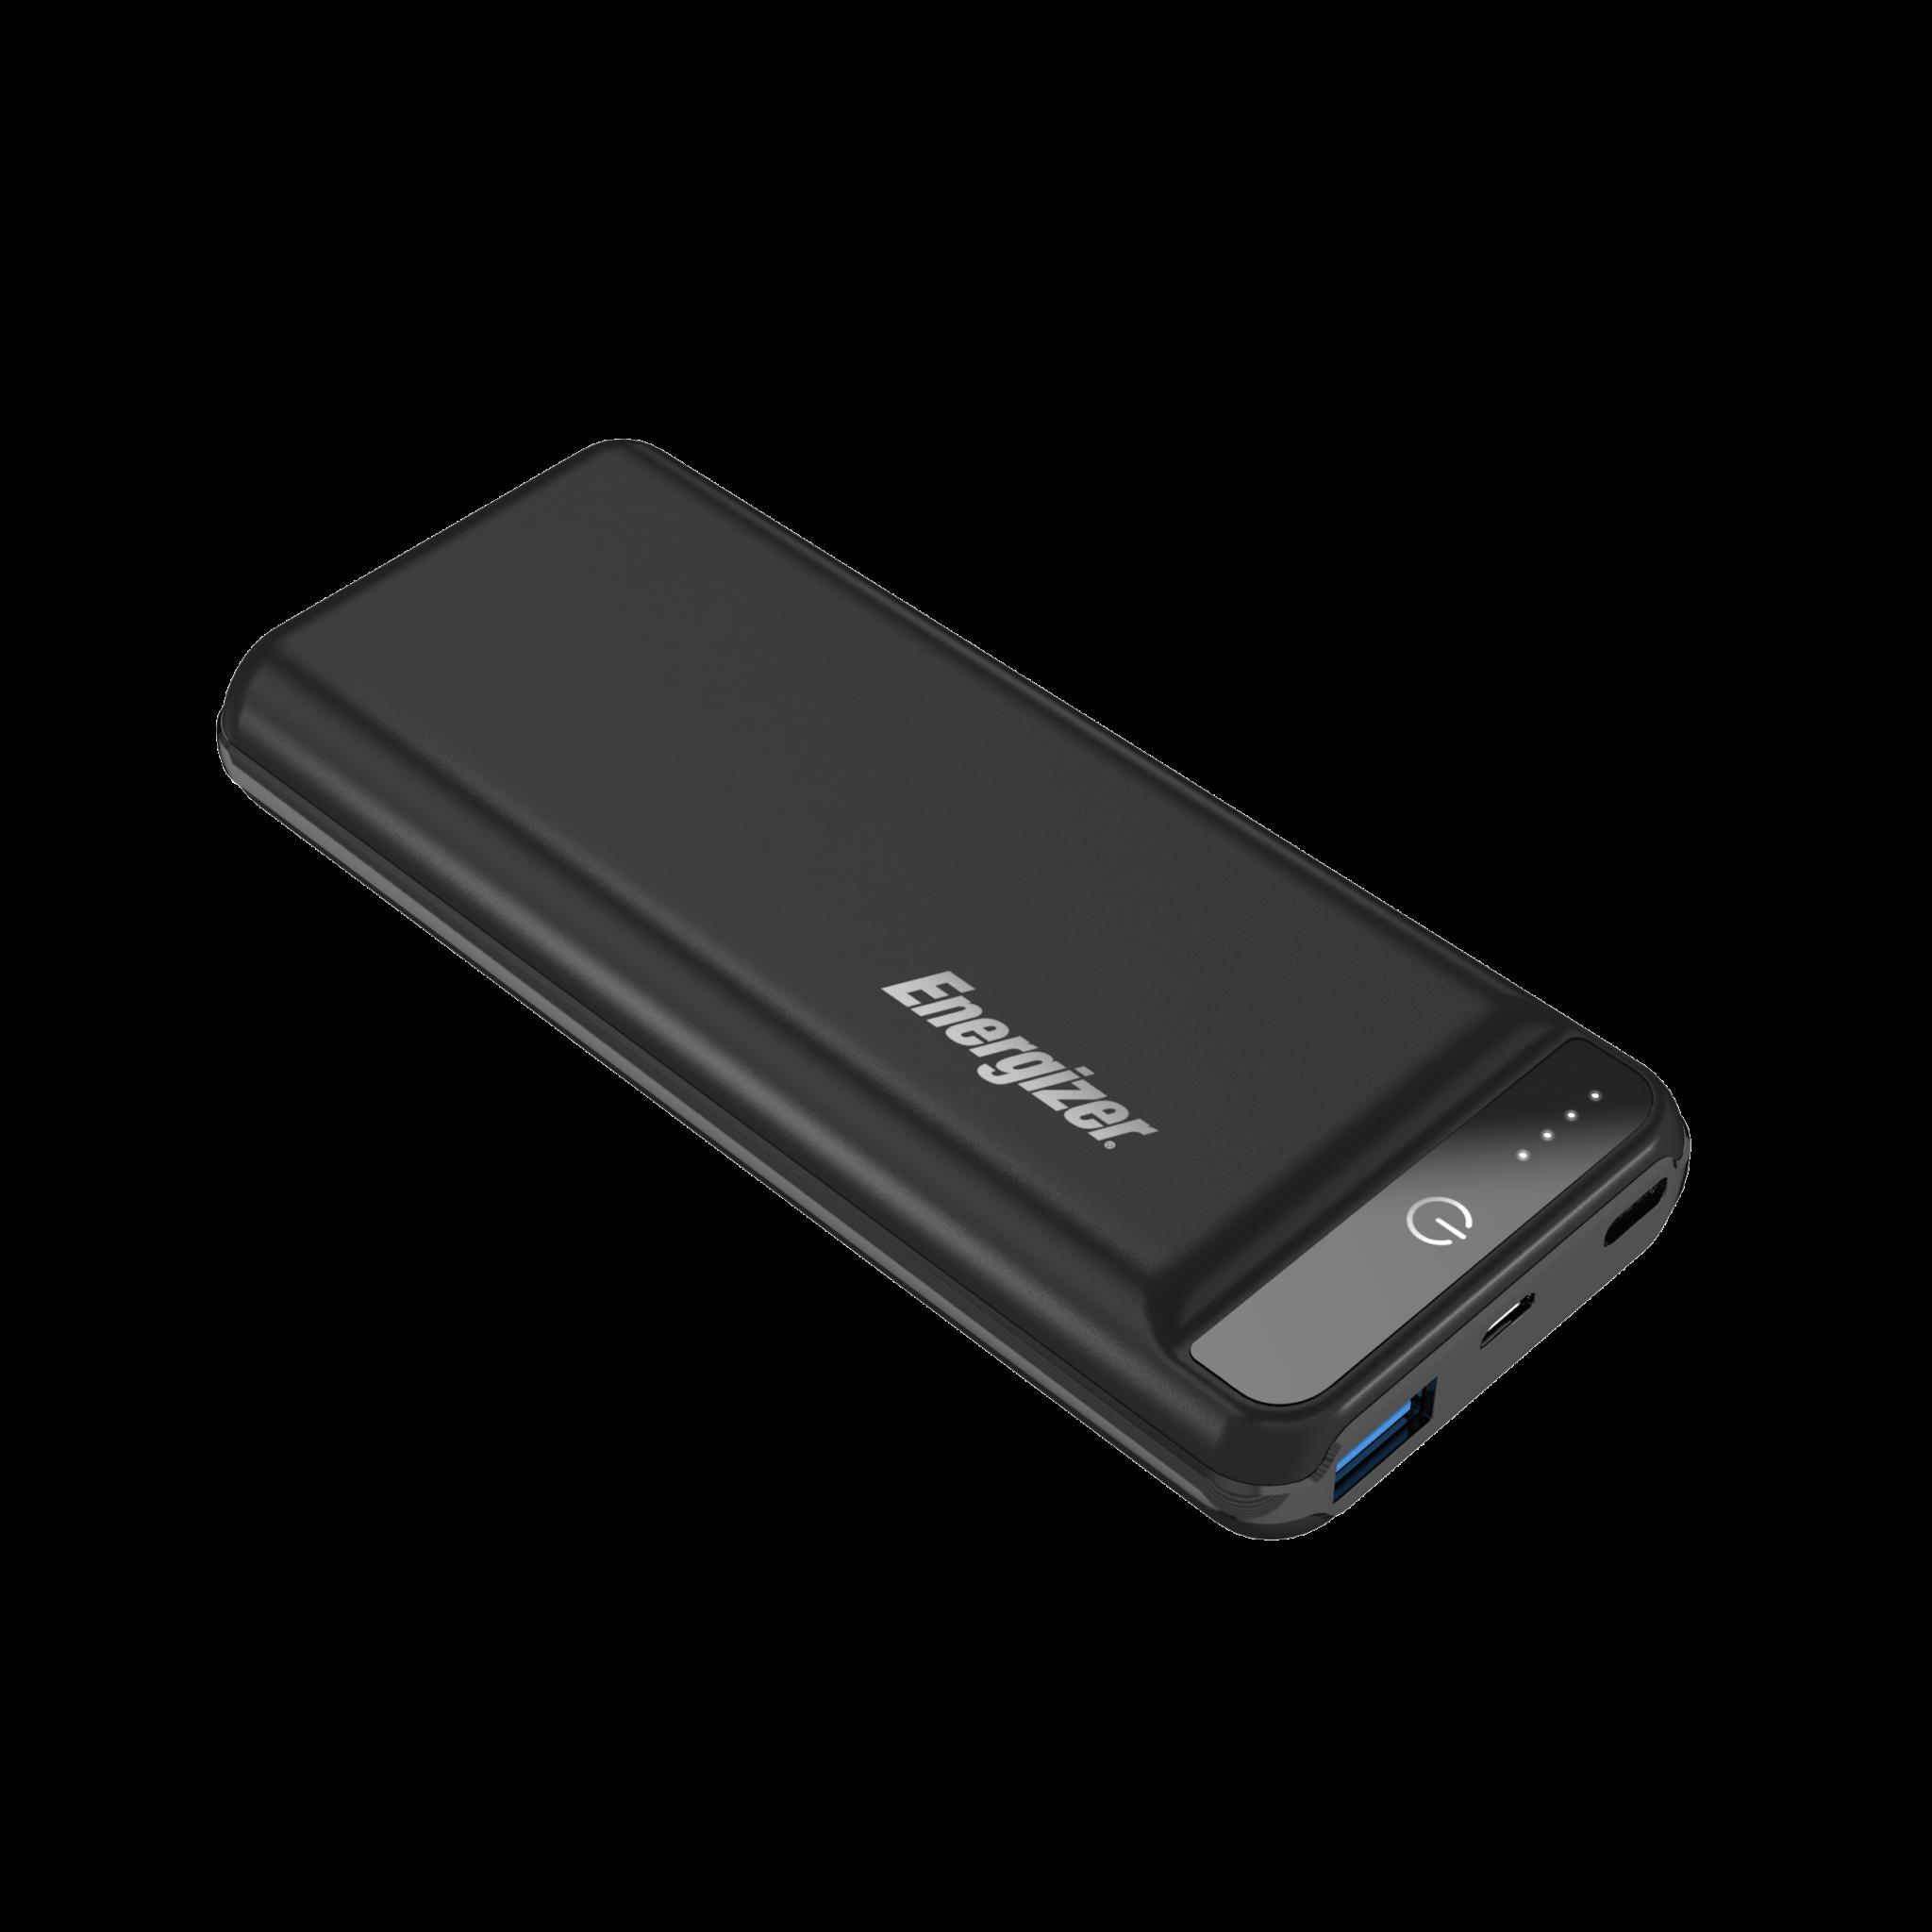 شارژر همراه انرجایزر مدل UE15032PQ  ظرفیت ۱۵۰۰۰ میلیآمپرساعت